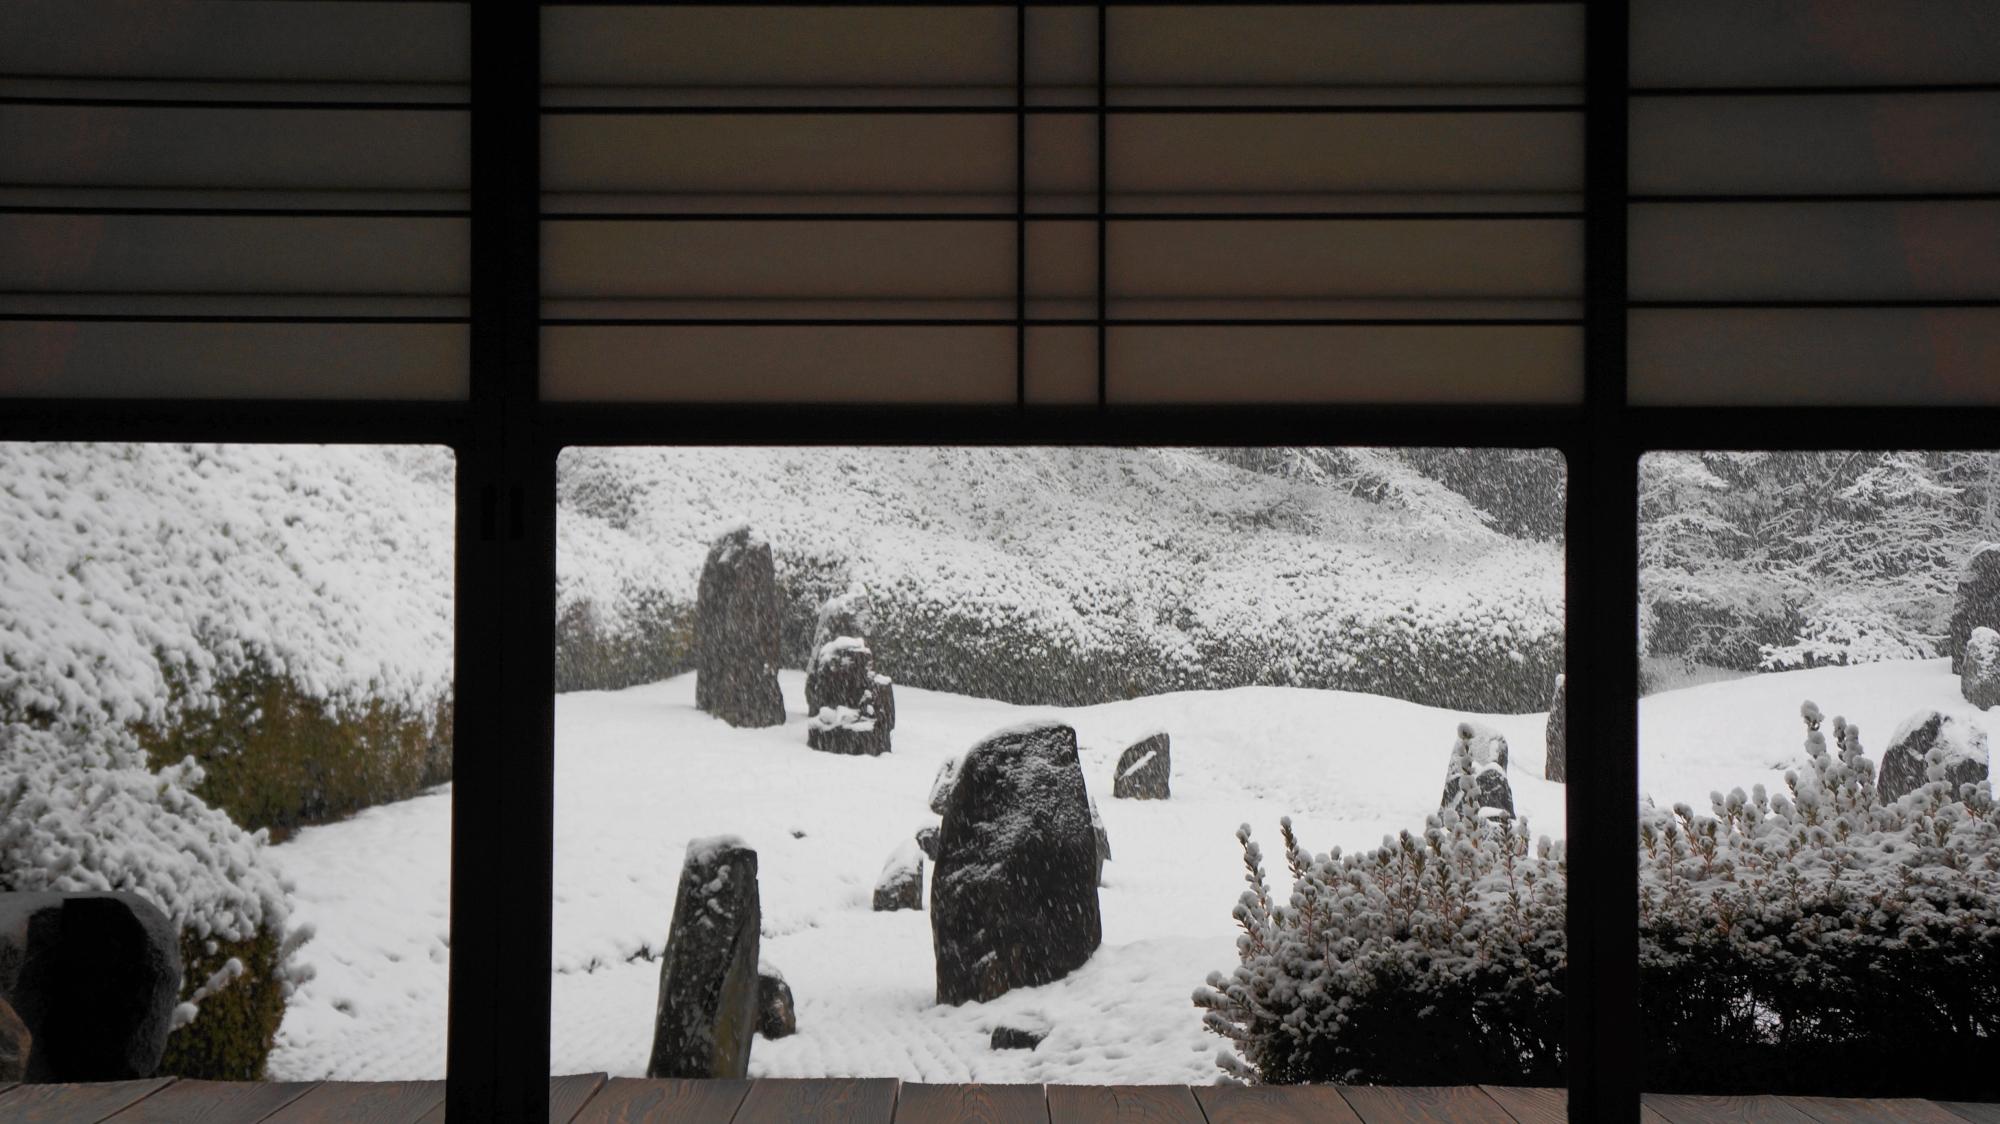 茶室から眺めた波心庭の雪景色